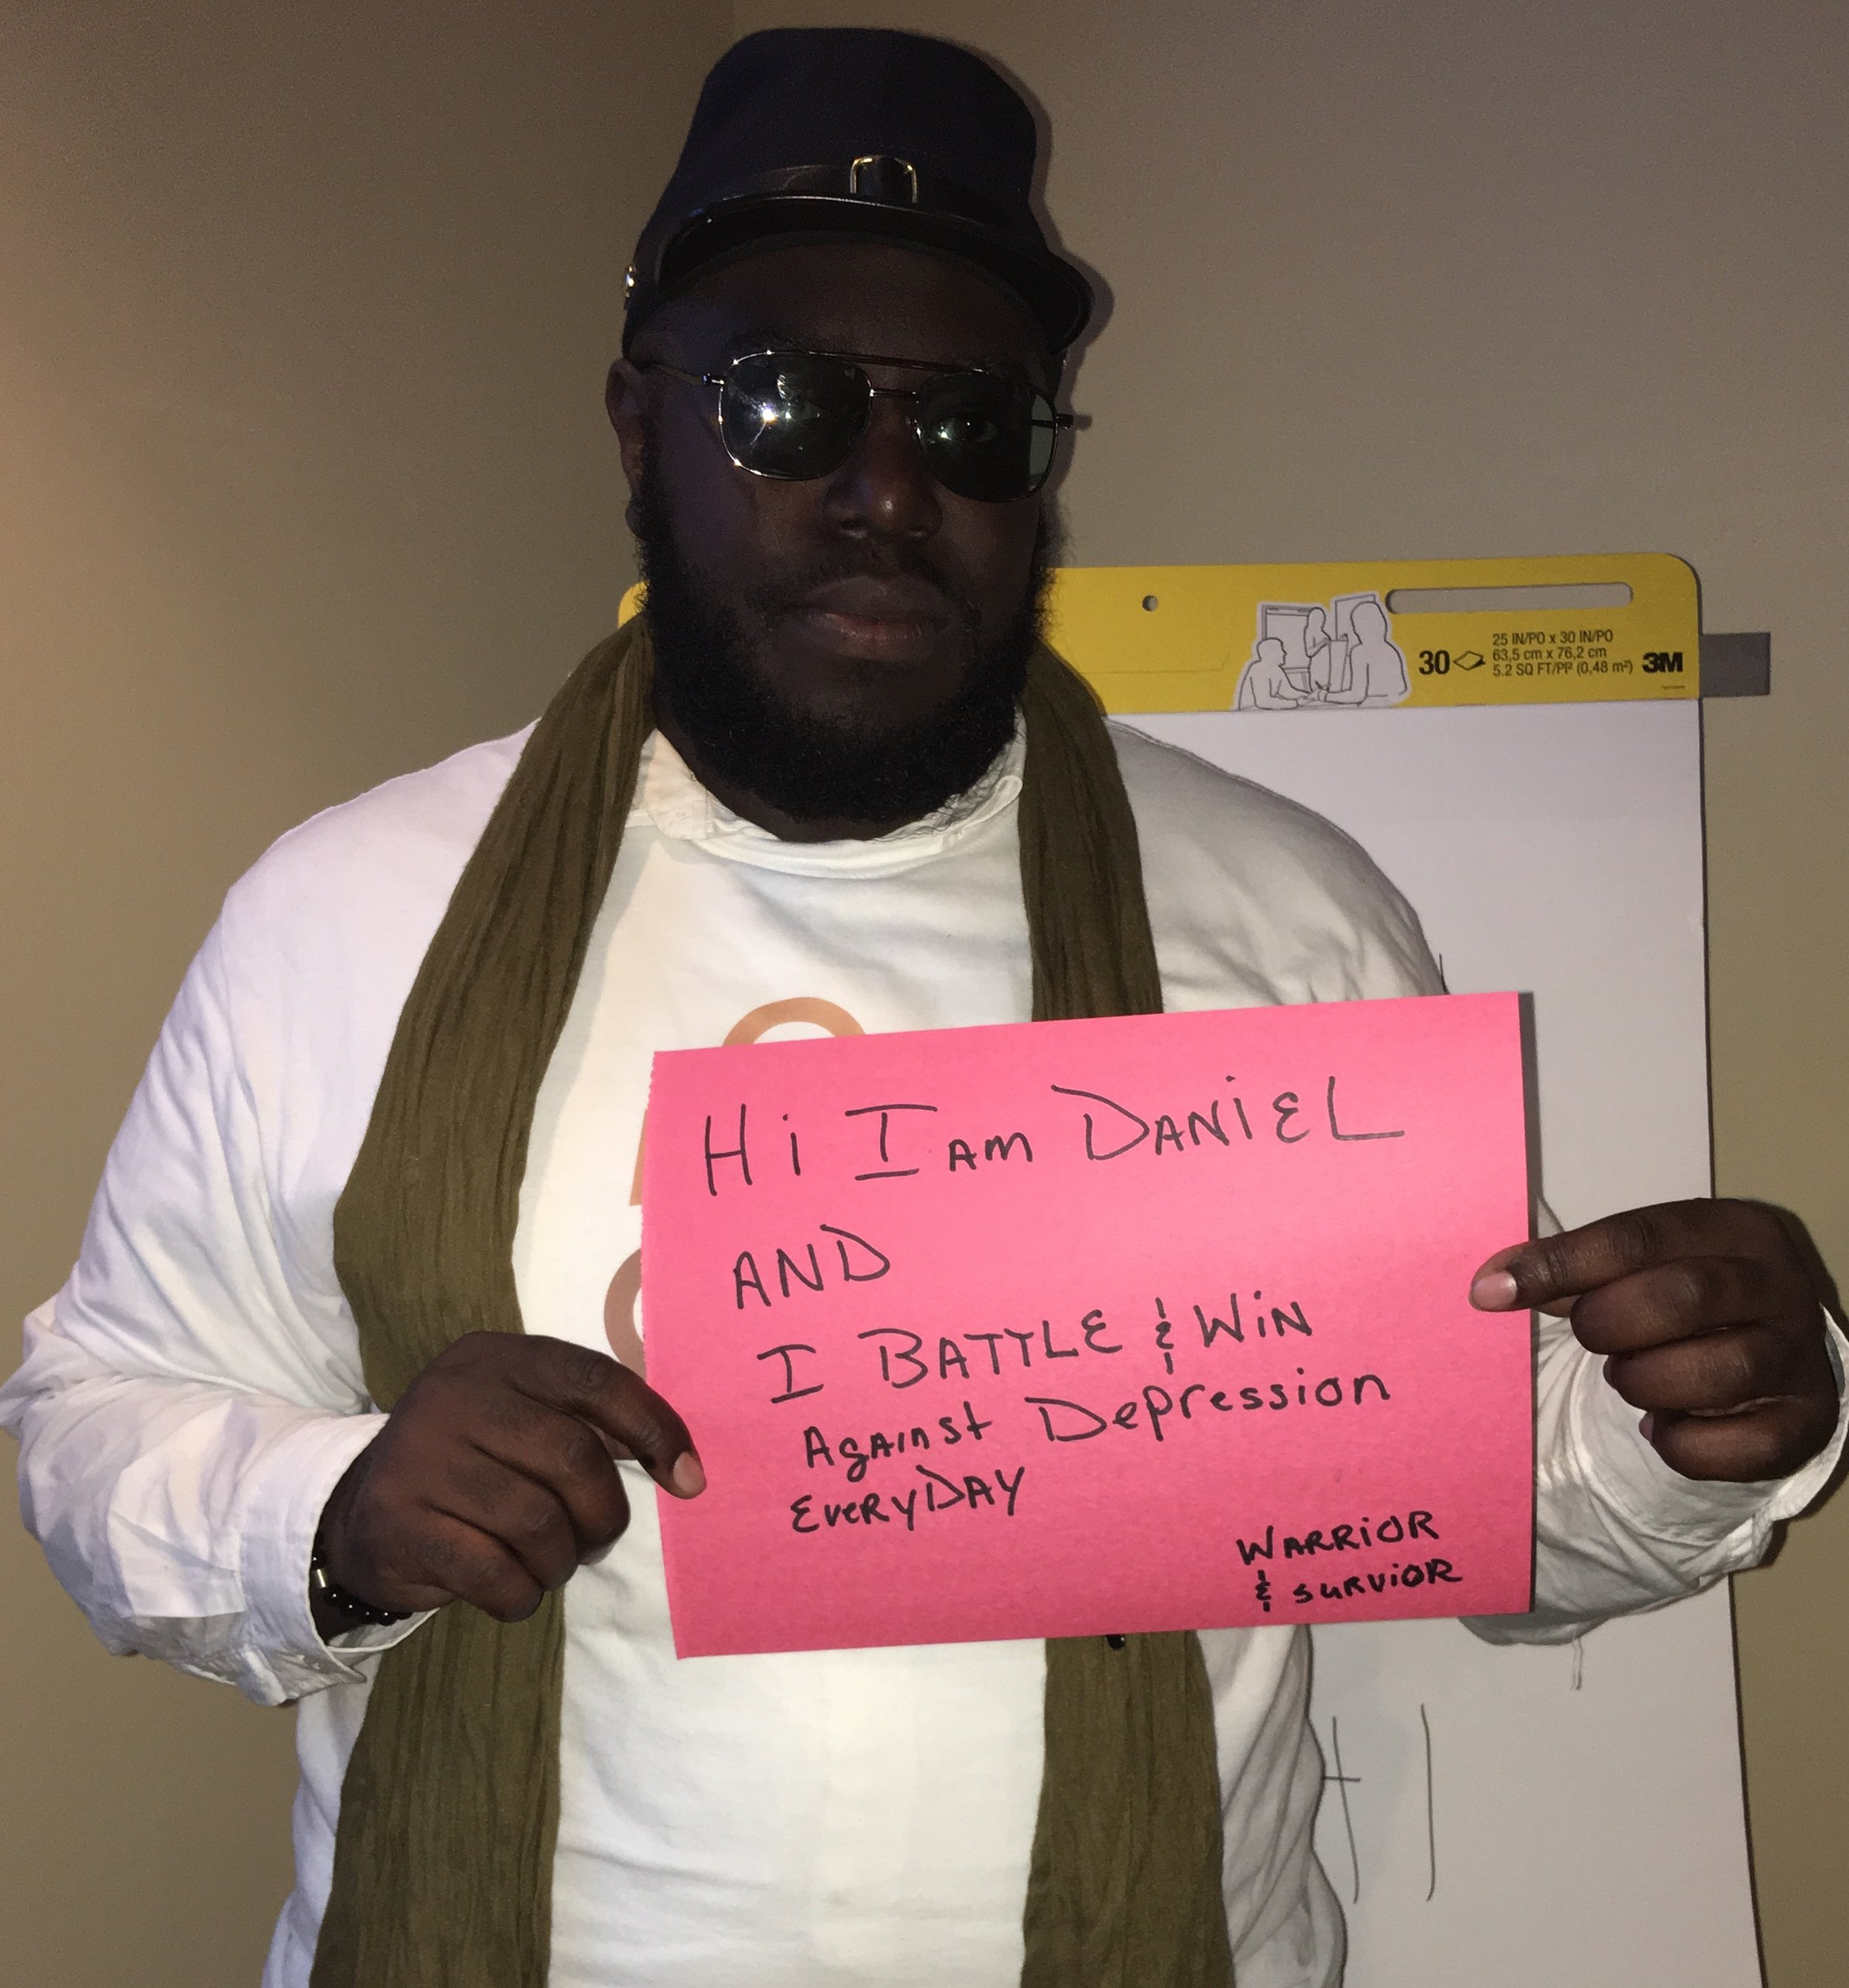 Sign: Hi I am Daniel and I battle and win against depression everyday. Warrior & Survivor